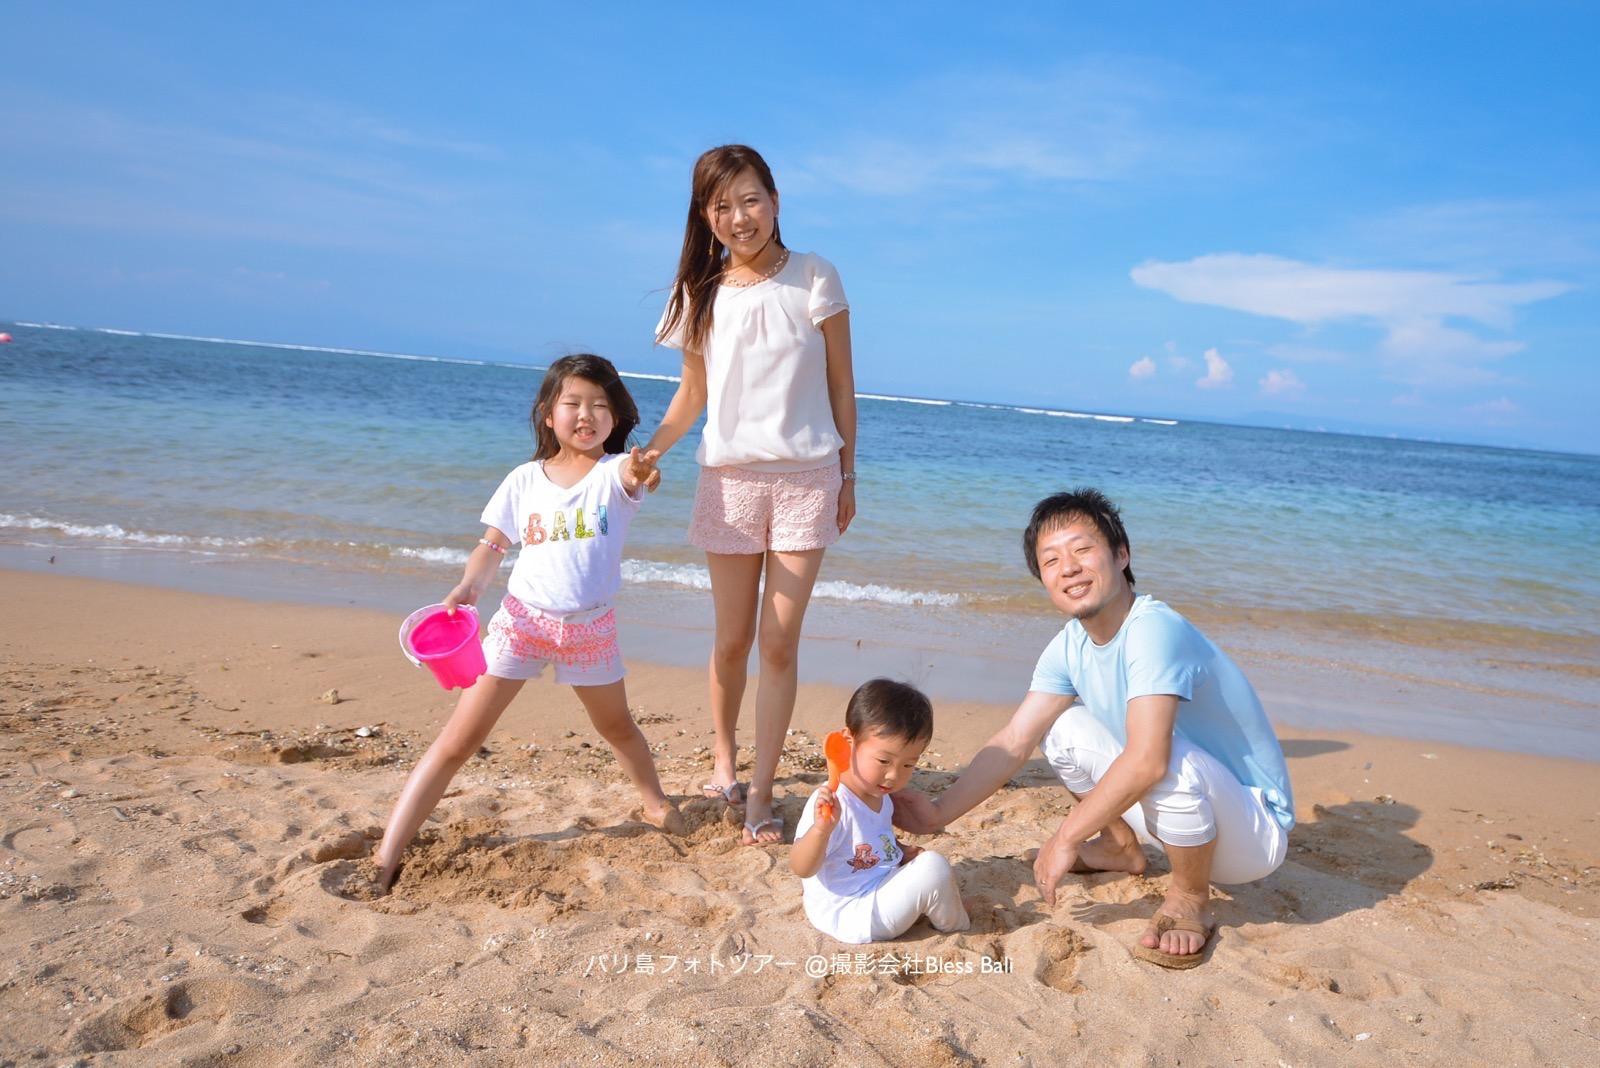 砂遊び中の子供達の自然な笑顔を撮影